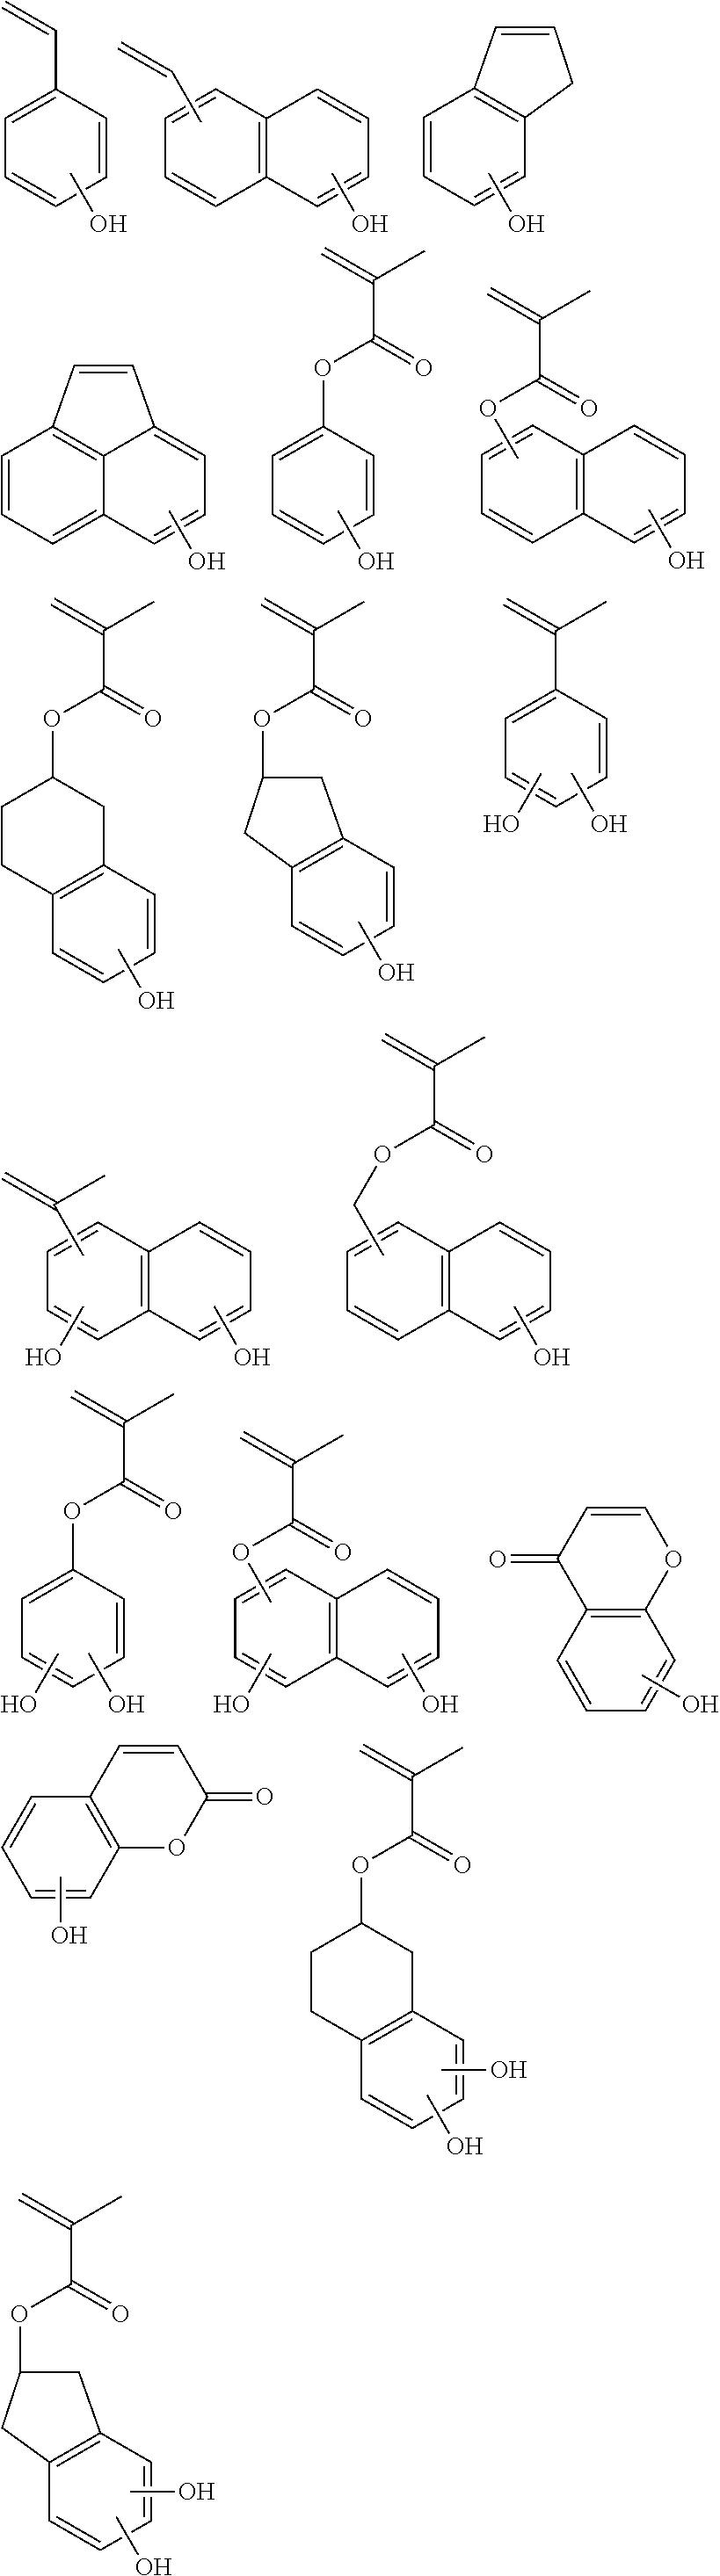 Figure US20110294070A1-20111201-C00033